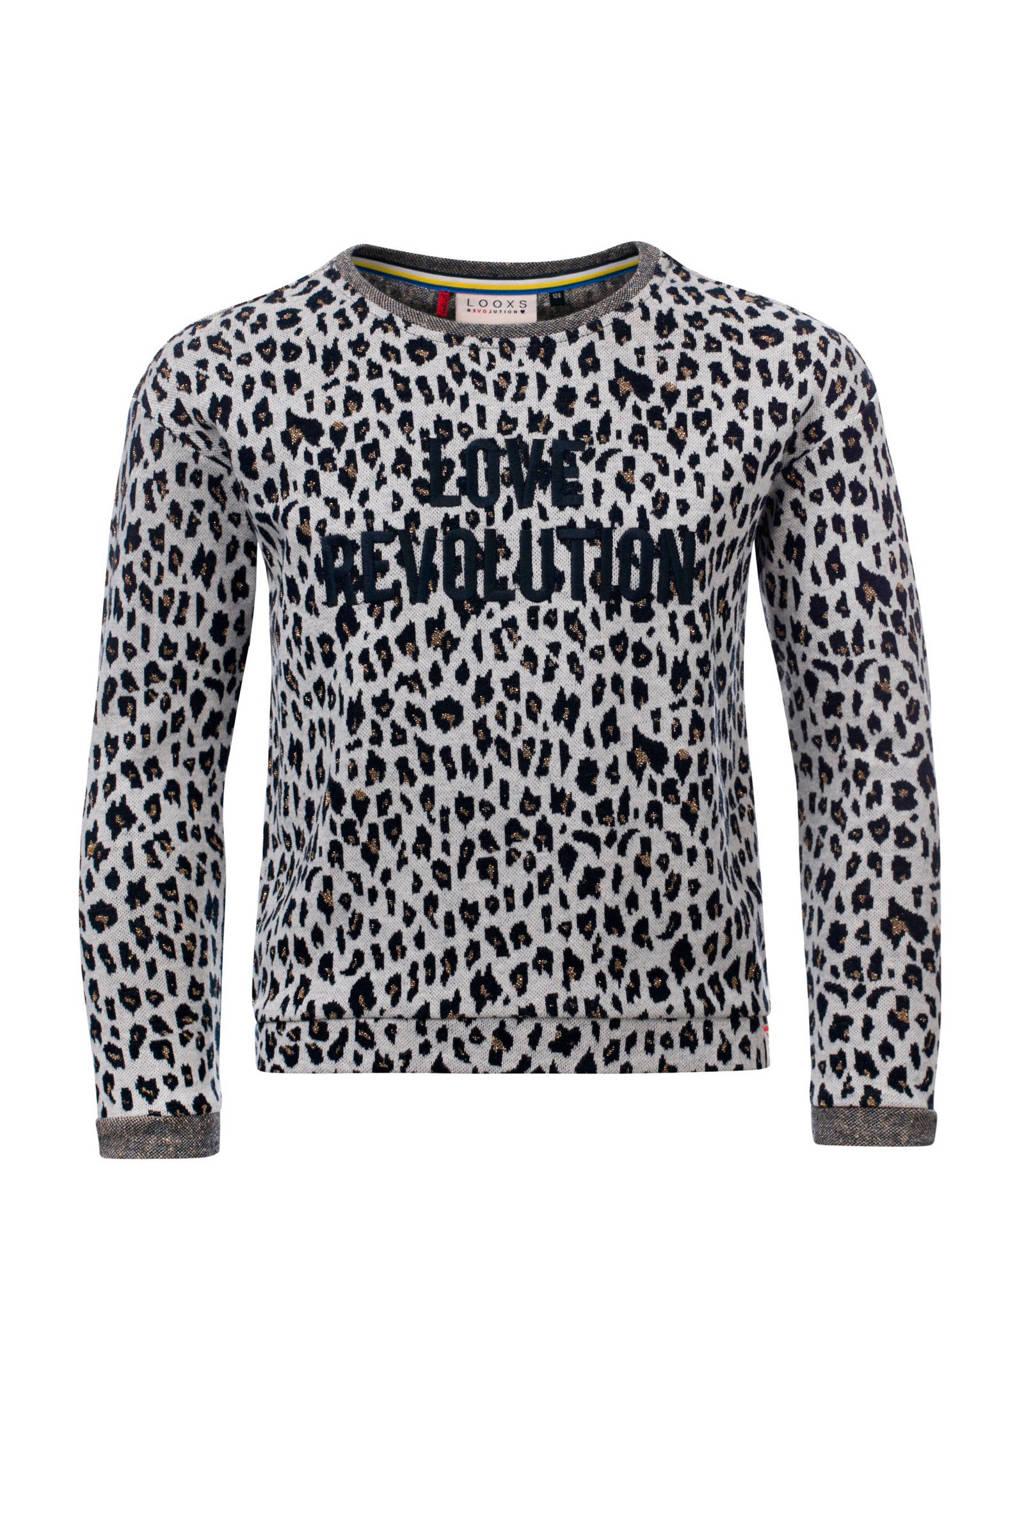 LOOXS sweater met panterprint en tekst grijs, Grijs/zwart